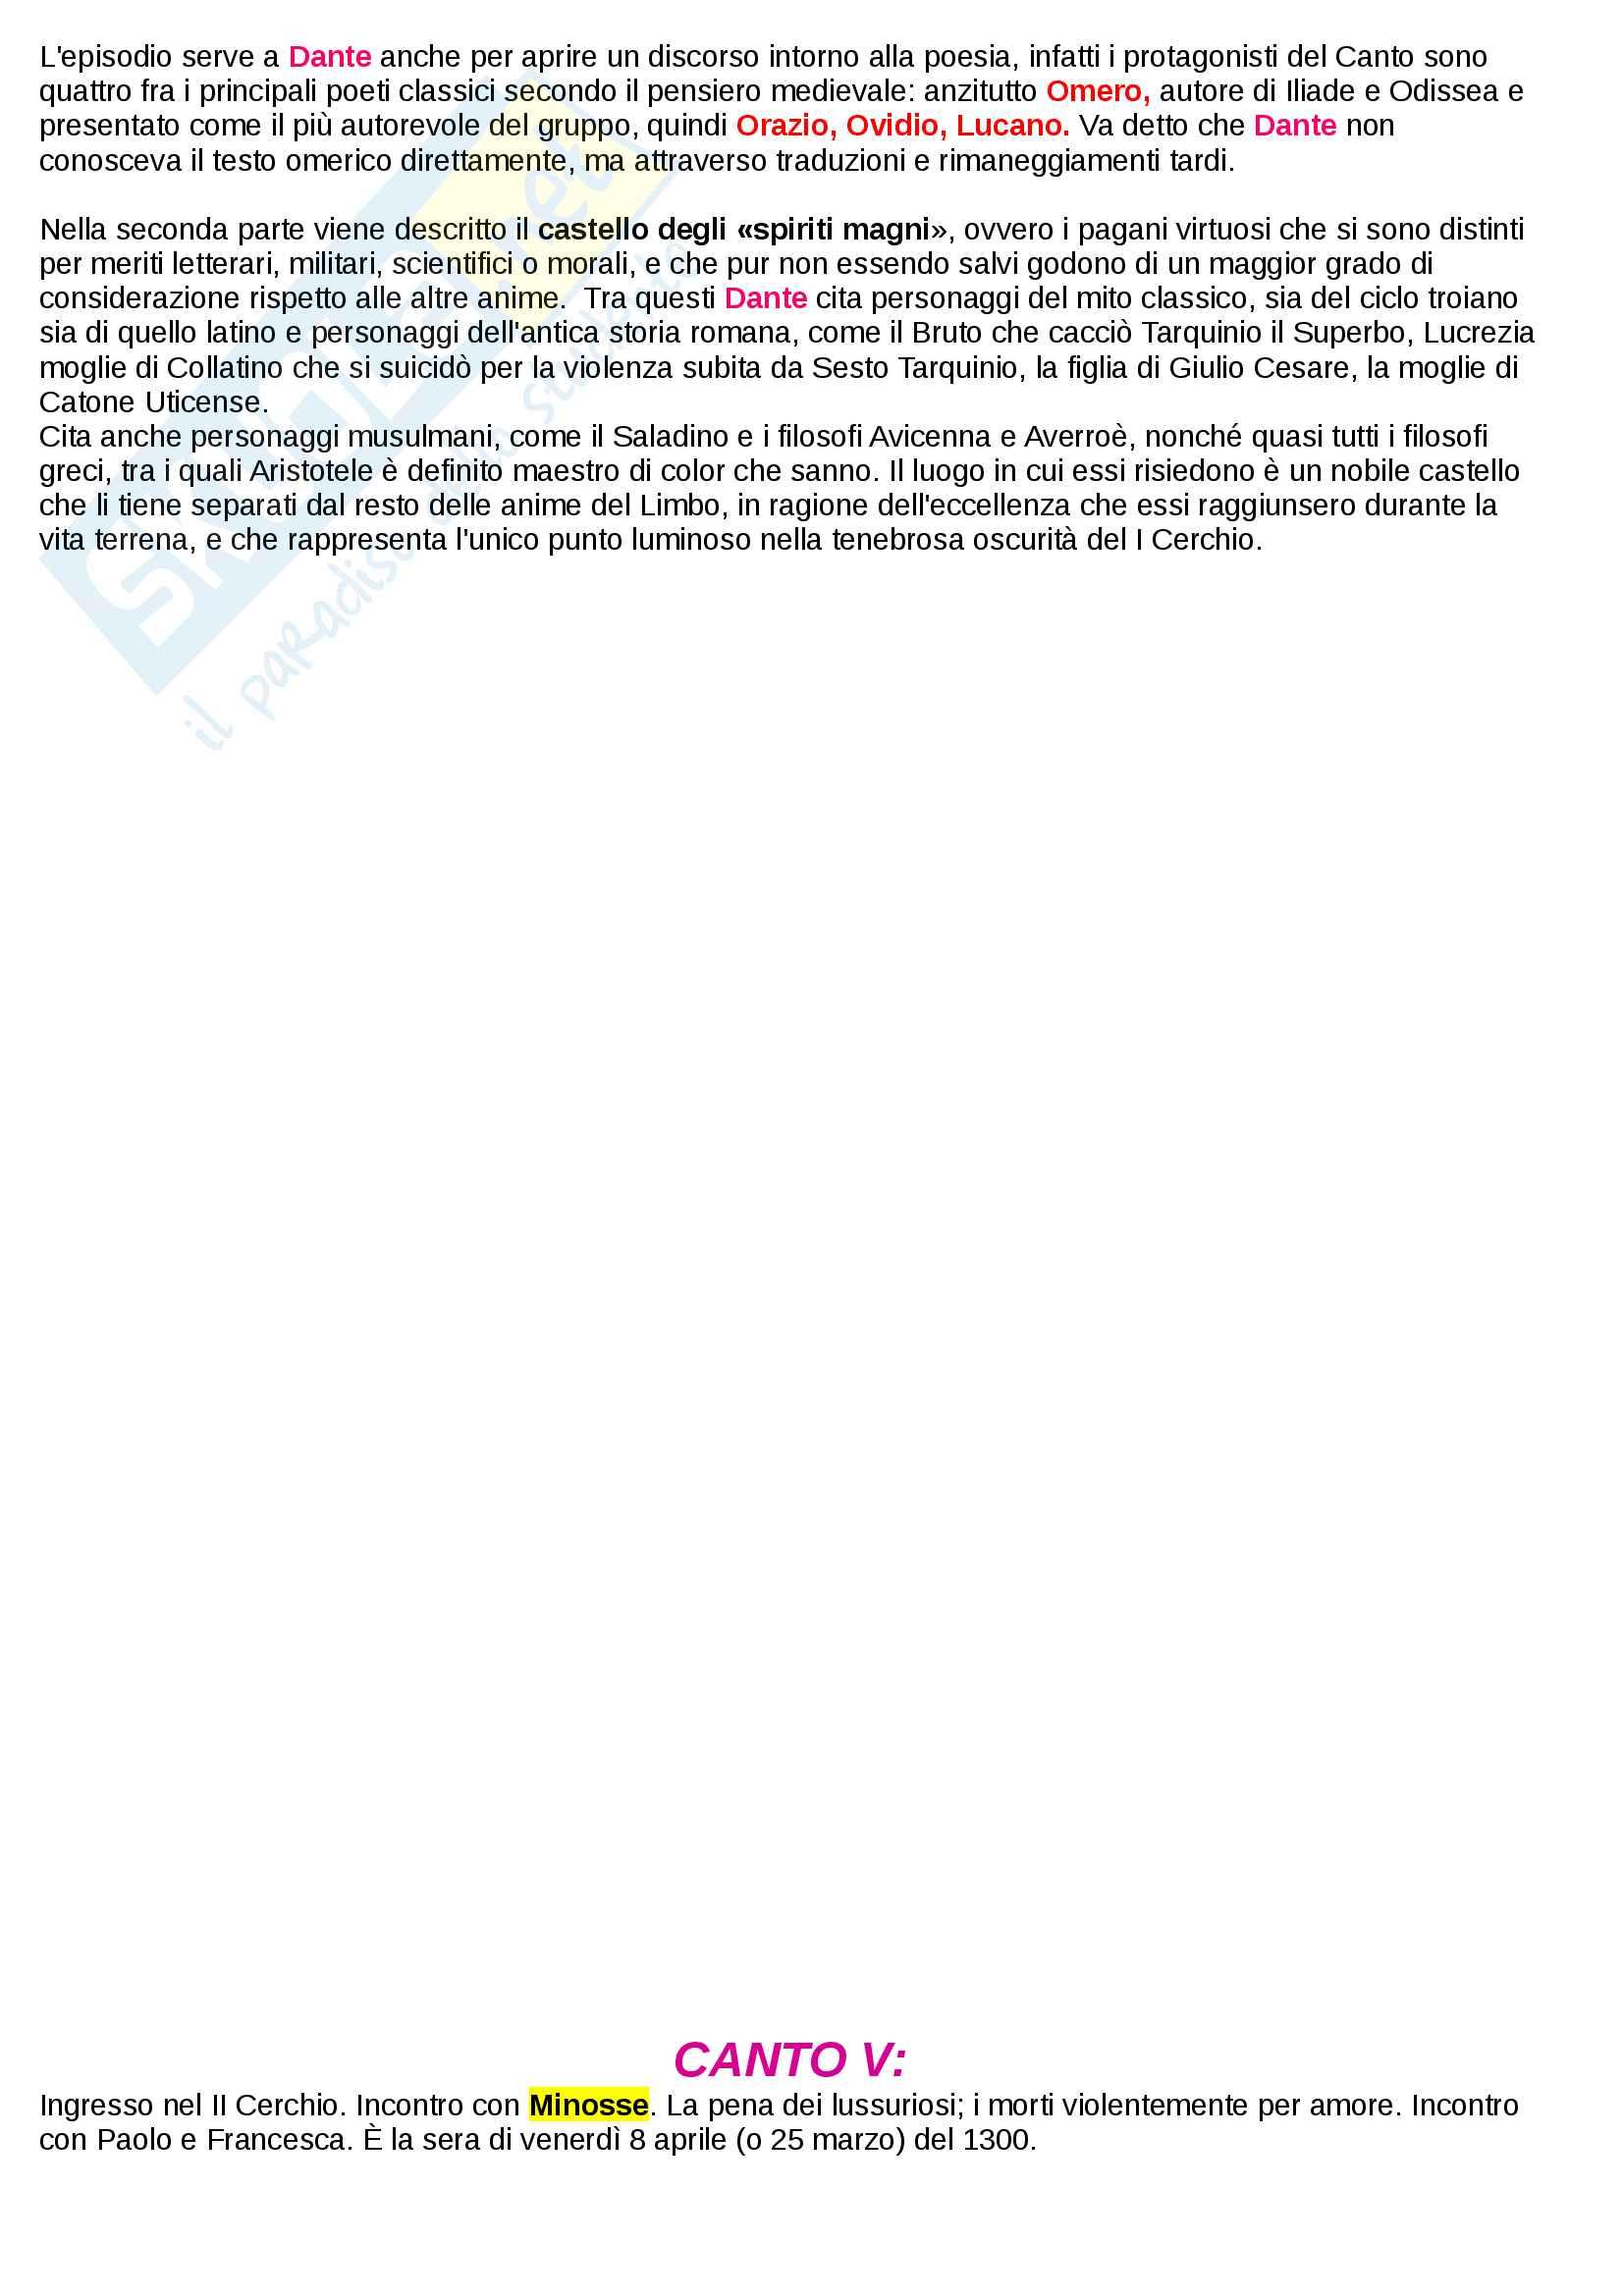 Riassunto esame Letteratura Italiana I, Prof. Mattioli. Sintesi ed analisi di tutti i 34 canti dell'inferno della Divina Commedia di Dante Alighieri e rielaborazione personale basata sui libri di riferimento suggeriti dal docente Pag. 16